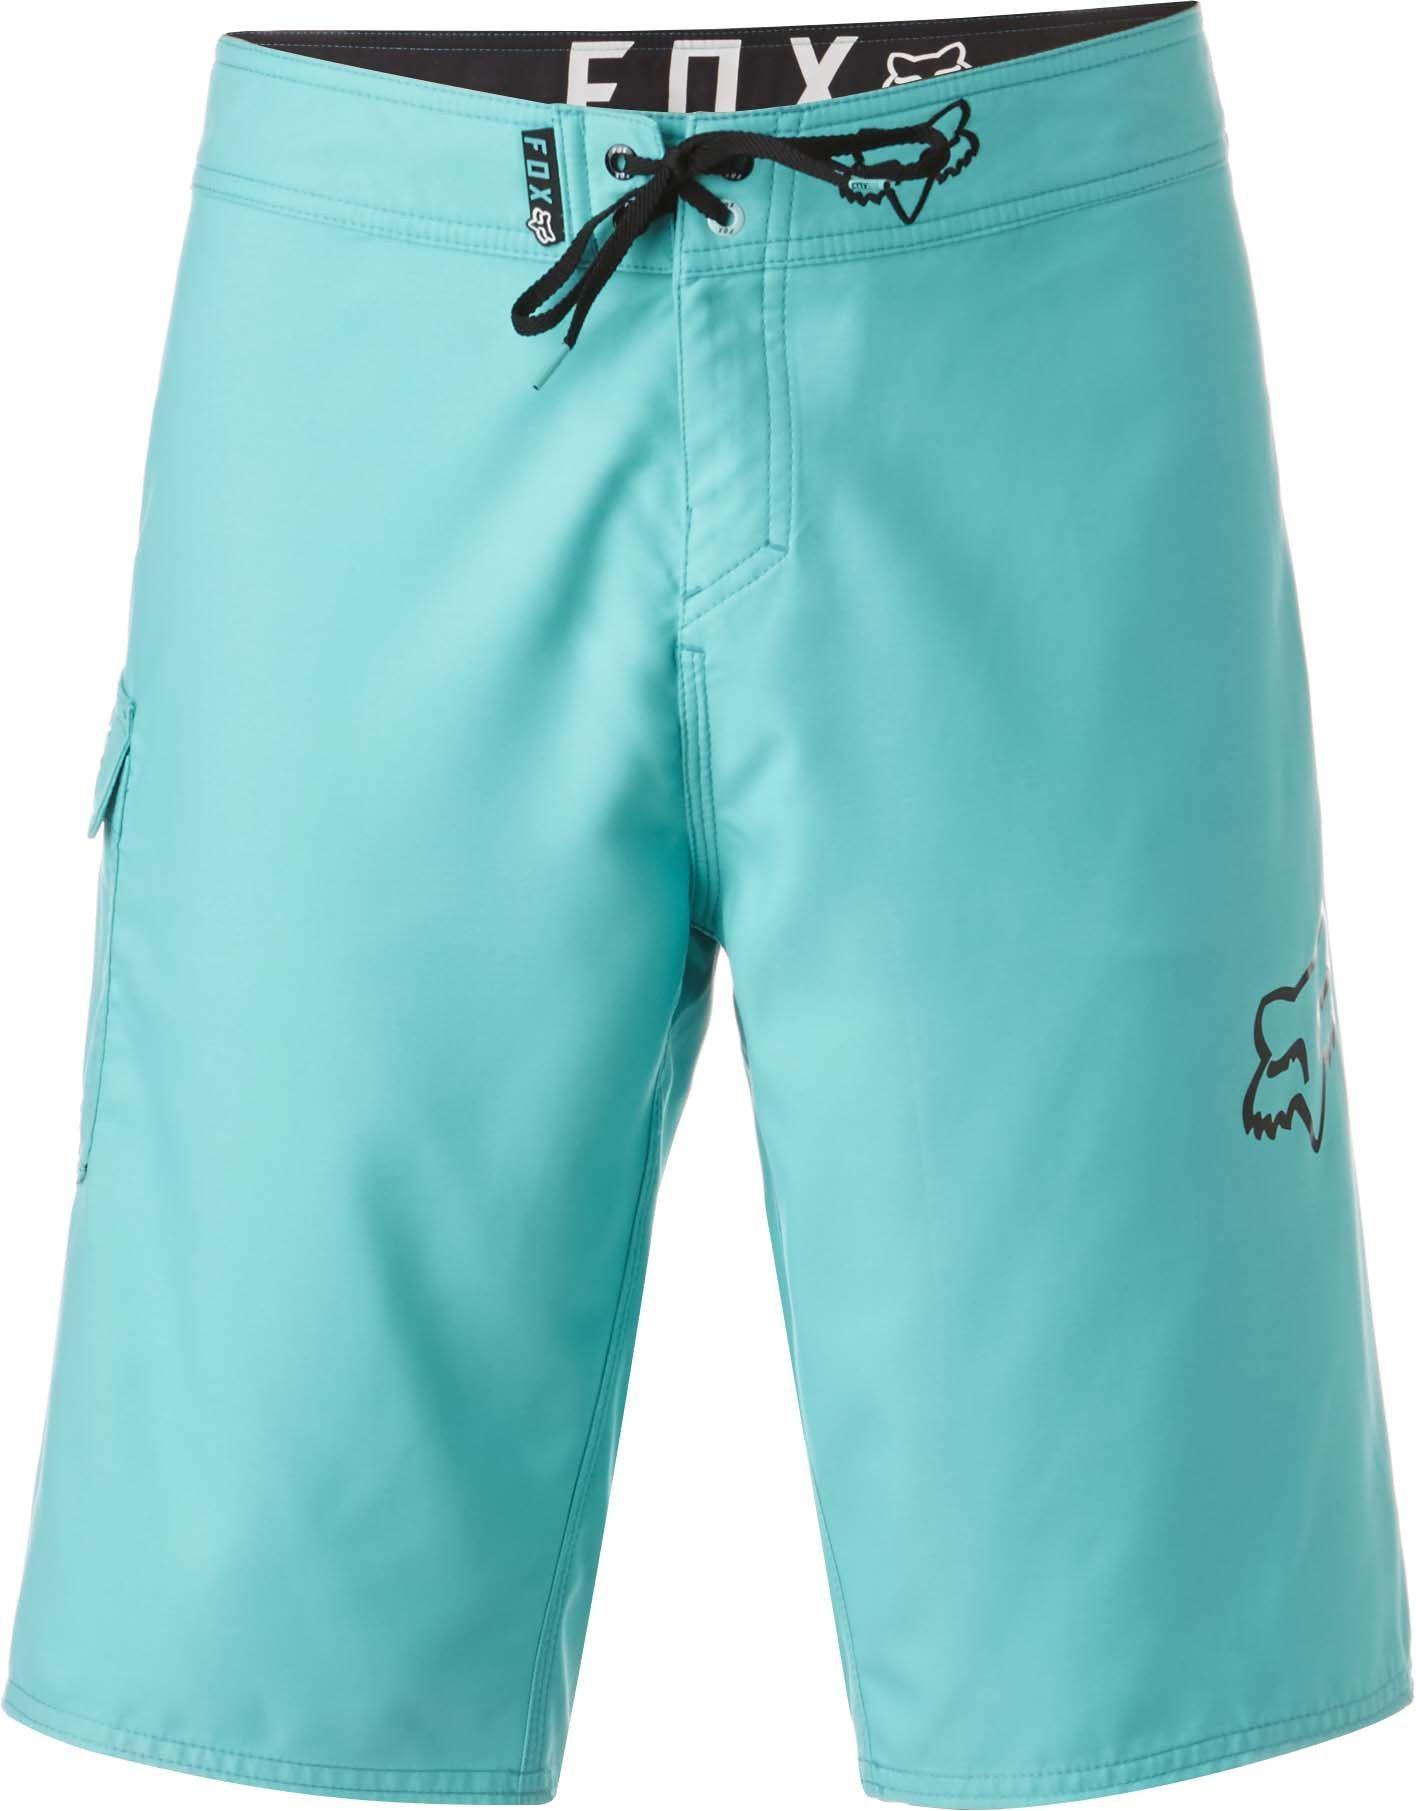 71c504090b Fox Racing Men's Overhead Boardshorts | Clothing | Fox Racing, Swim ...